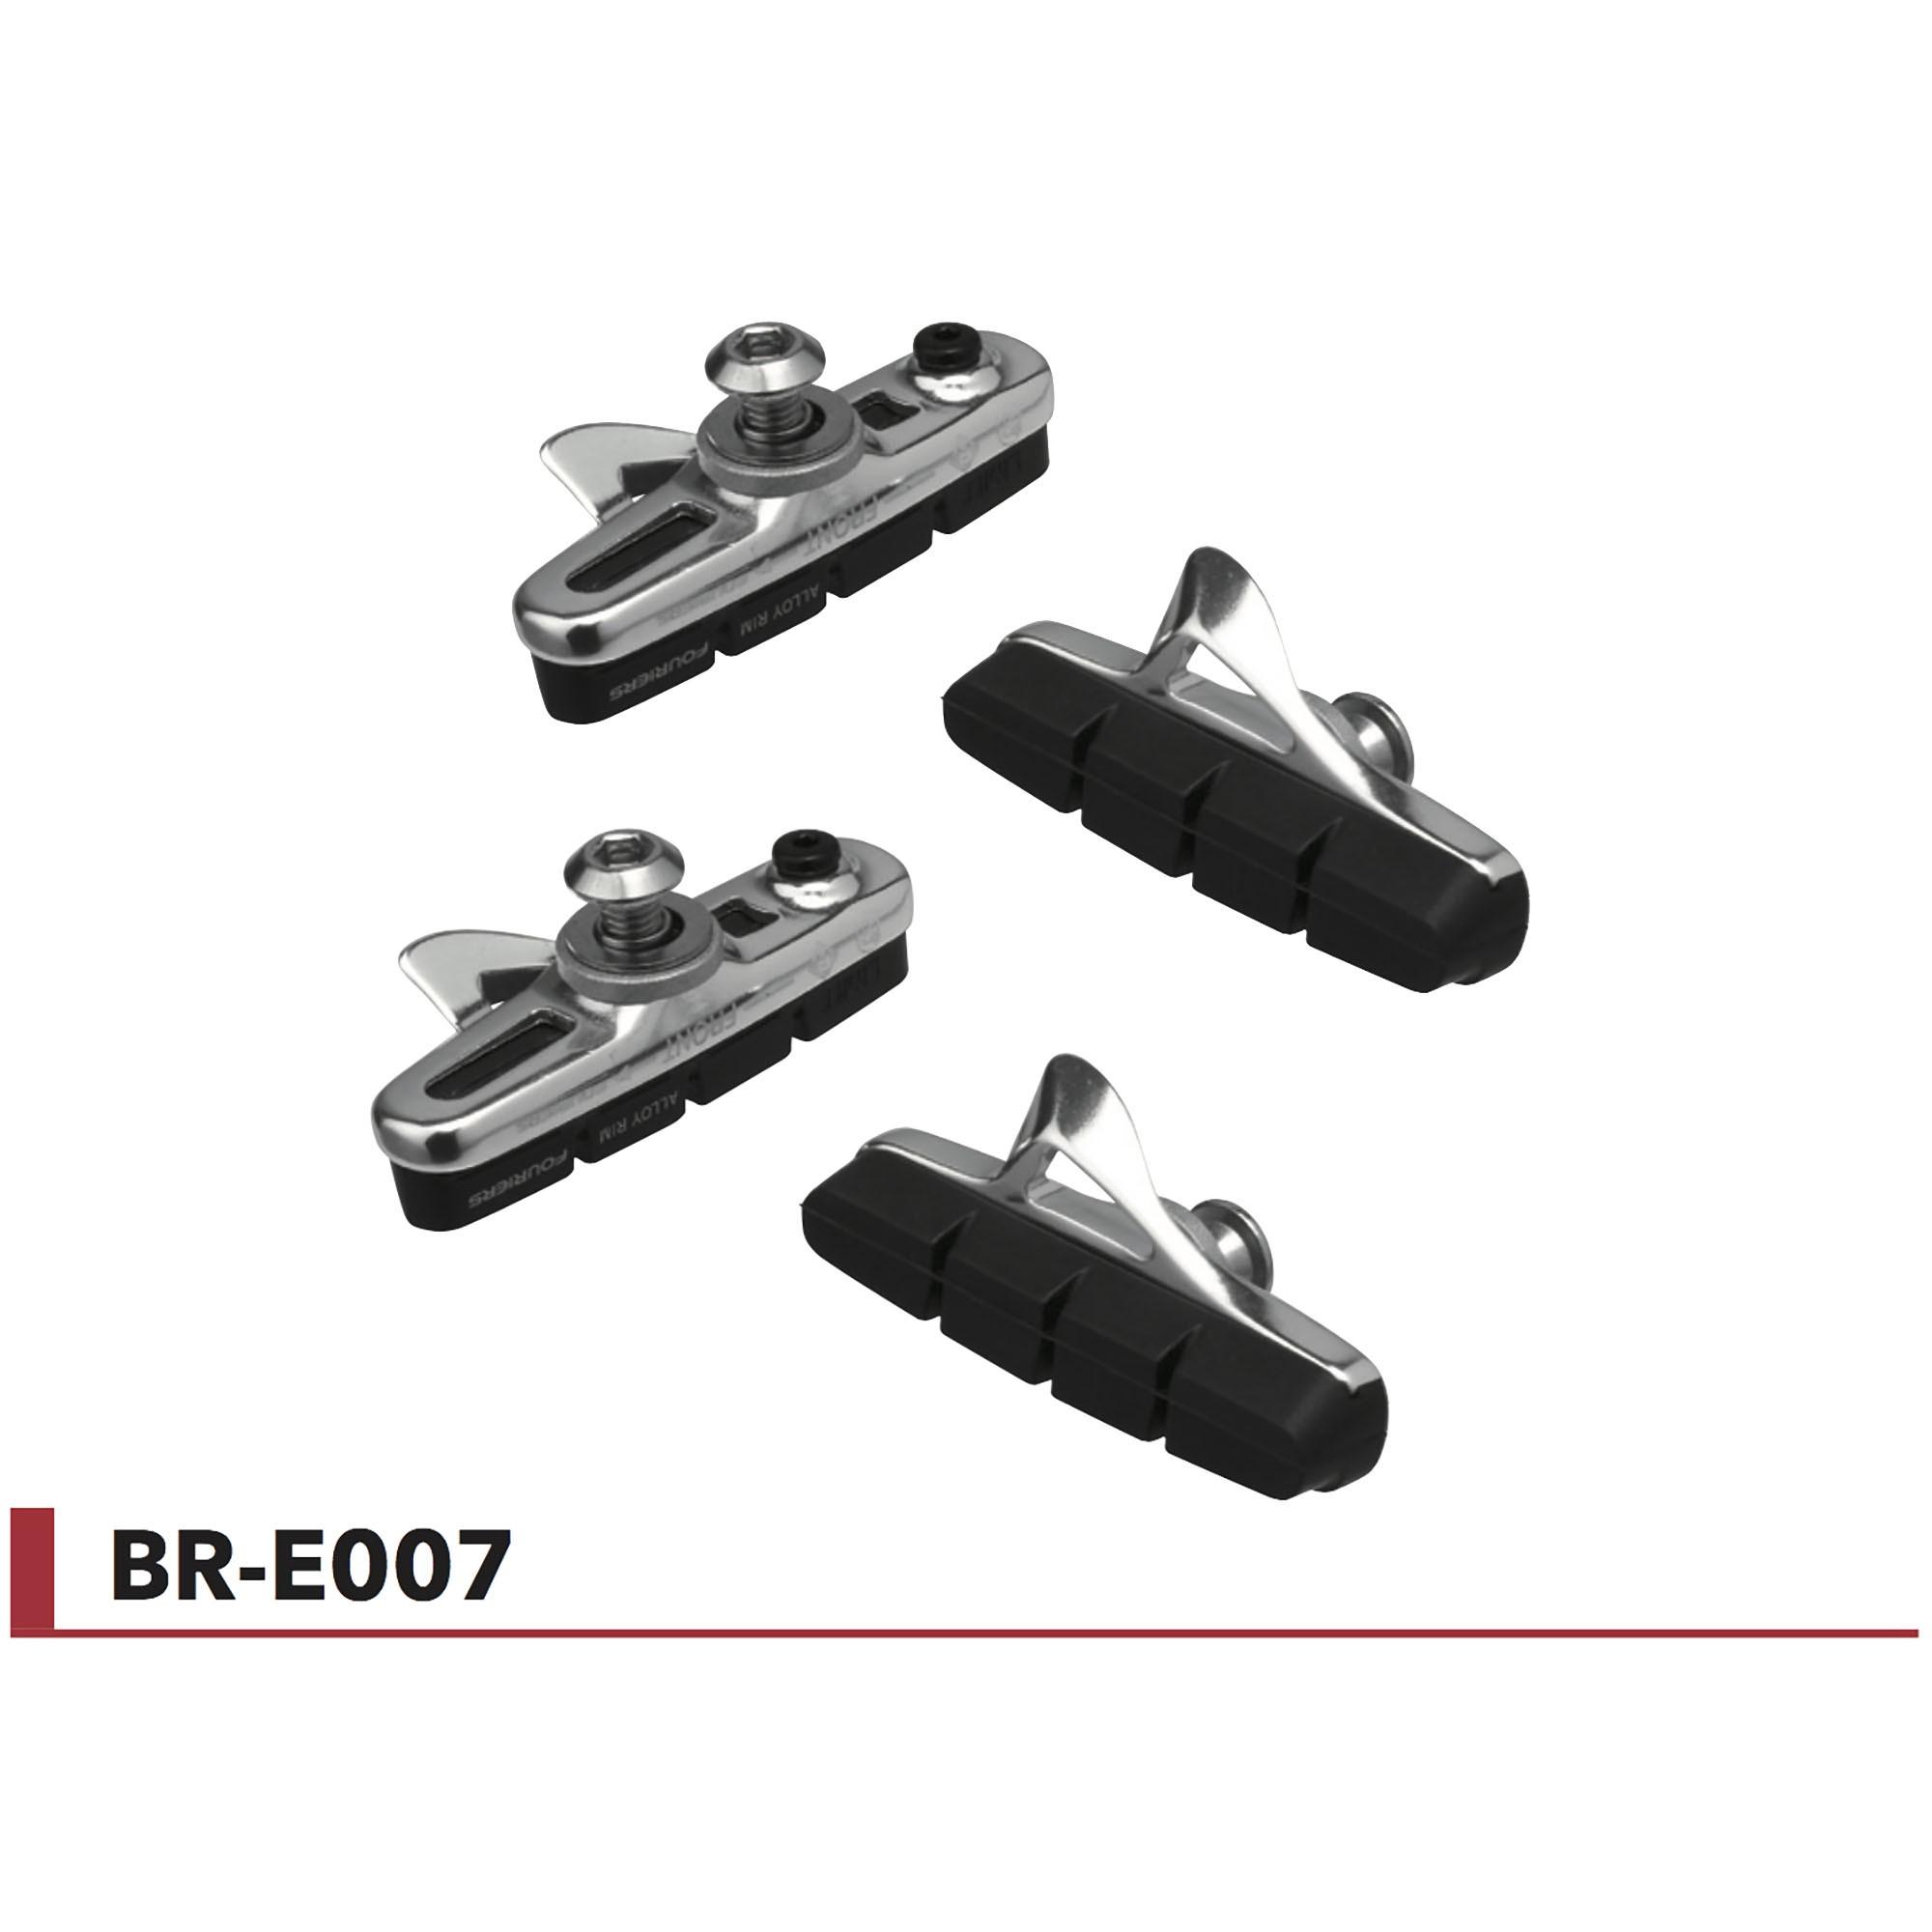 Porte-patins Fouriers alu CNC x4 BR-E007